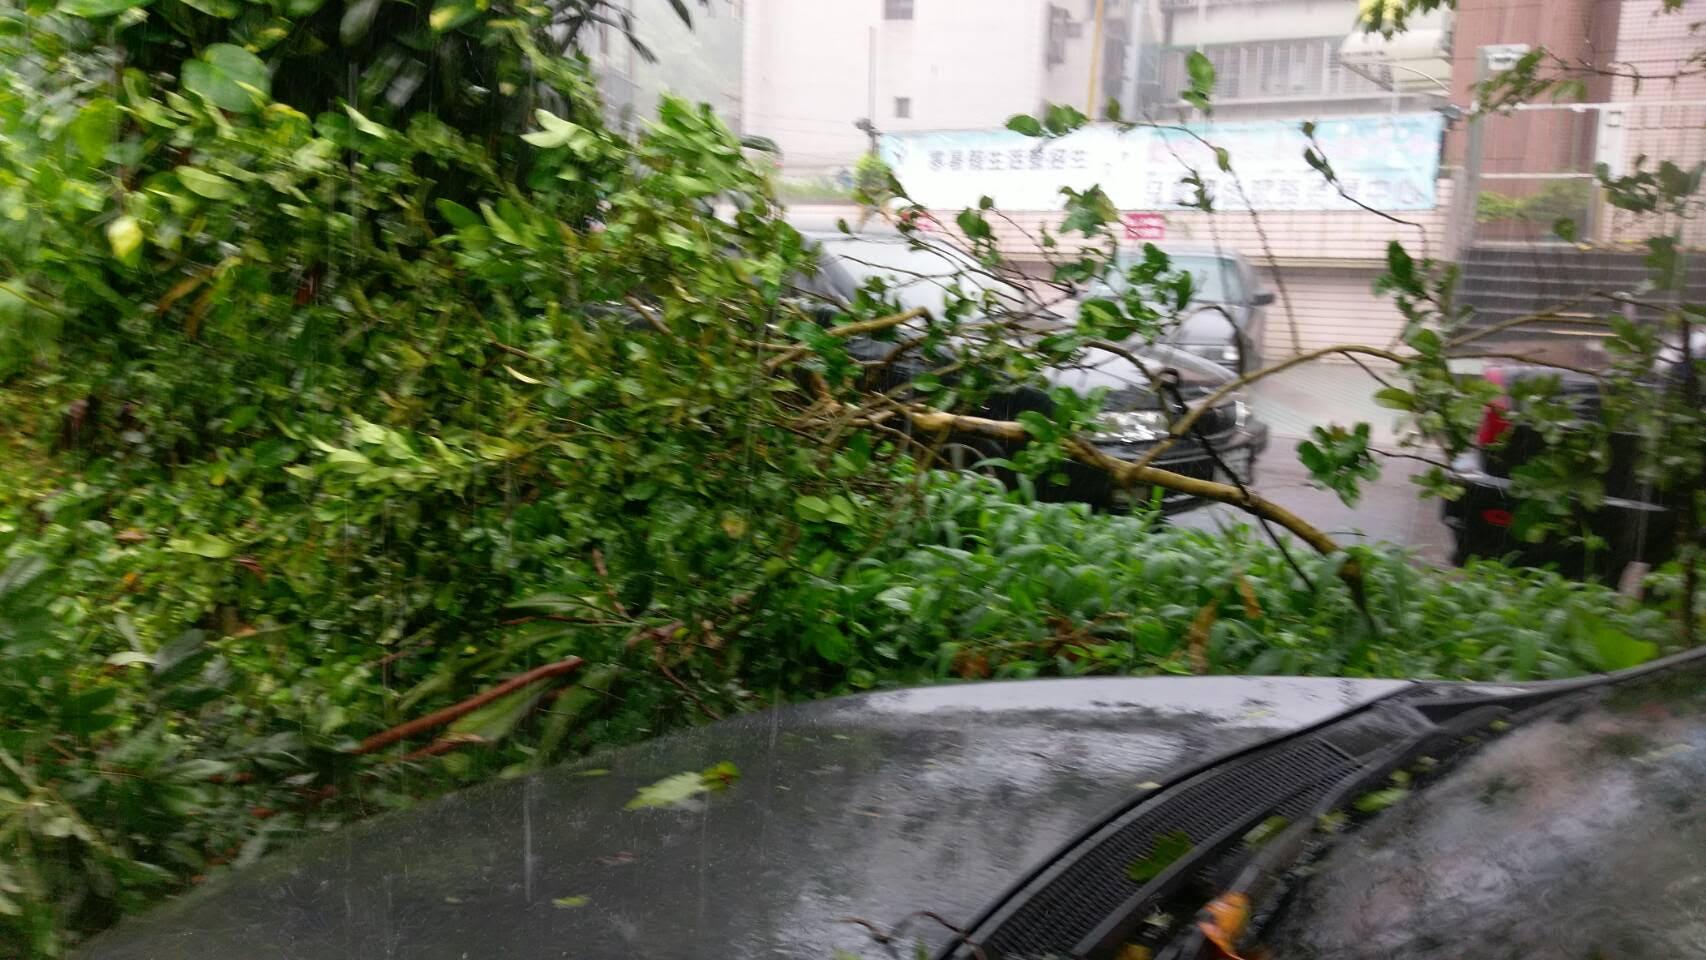 梅姬狂風造成樹木連根拔起,壓落在停靠在一旁的汽車上方